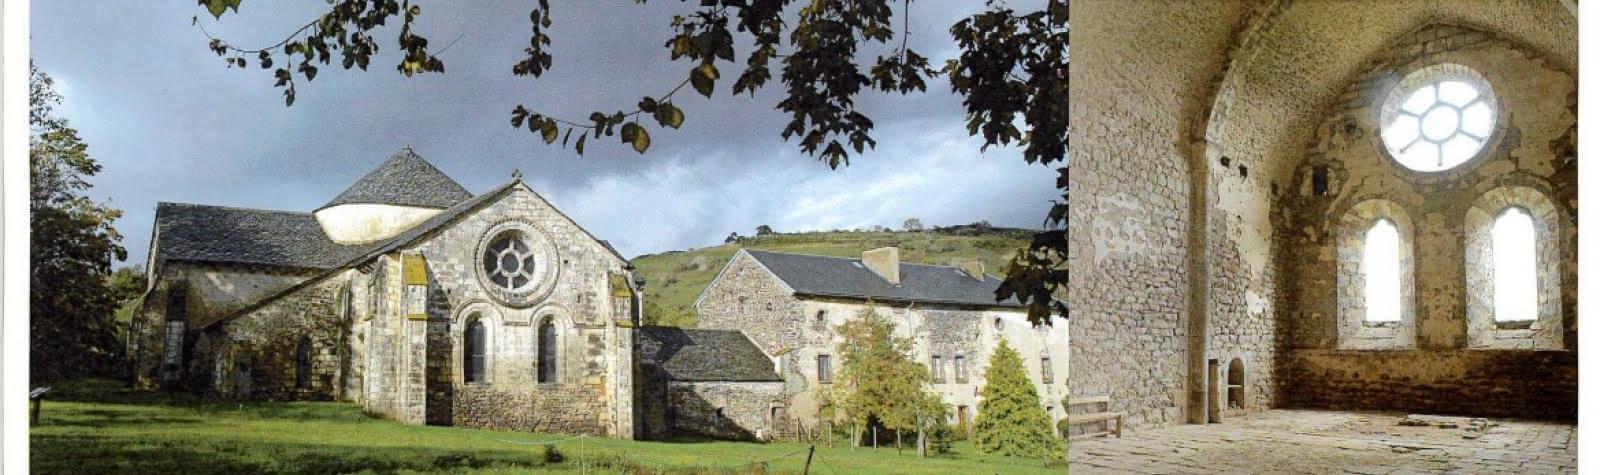 Conférence : L'abbaye de Mègemont et les abbayes cisterciennes en Auvergne